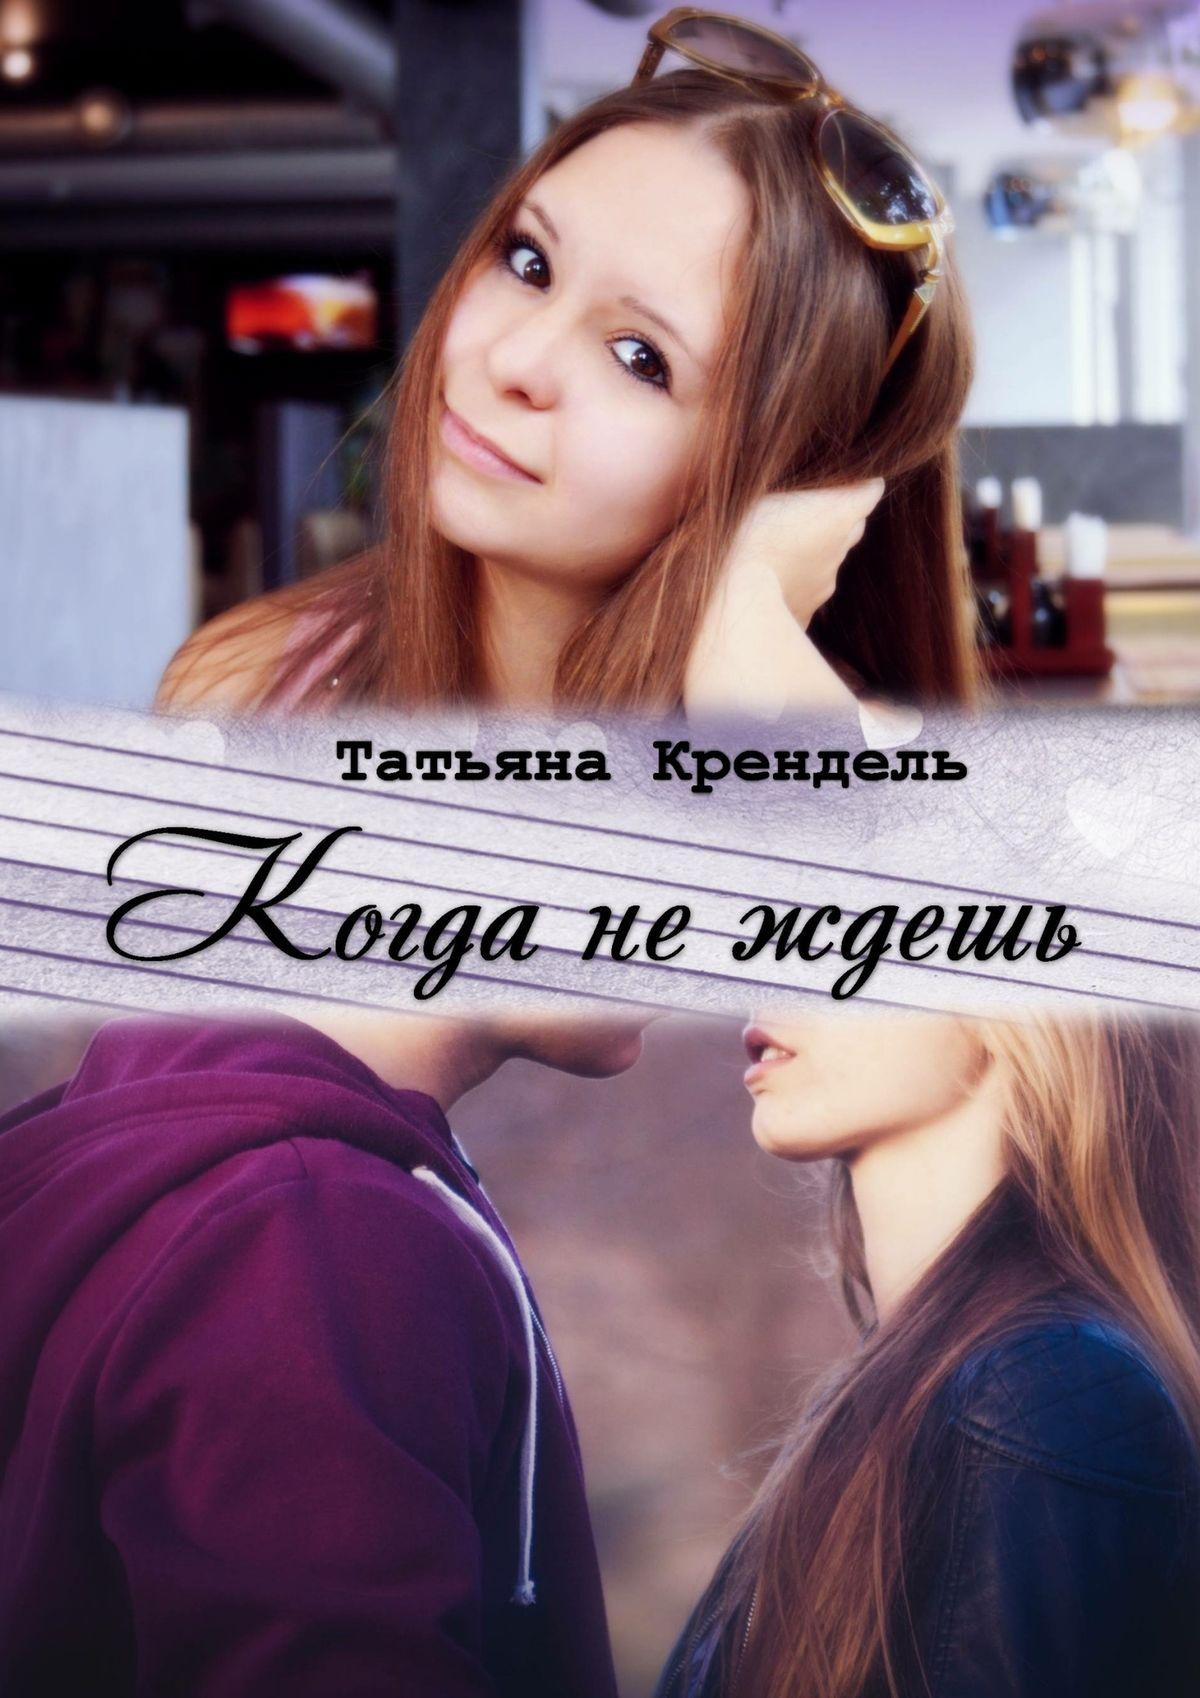 Татьяна Крендель Когда неждешь